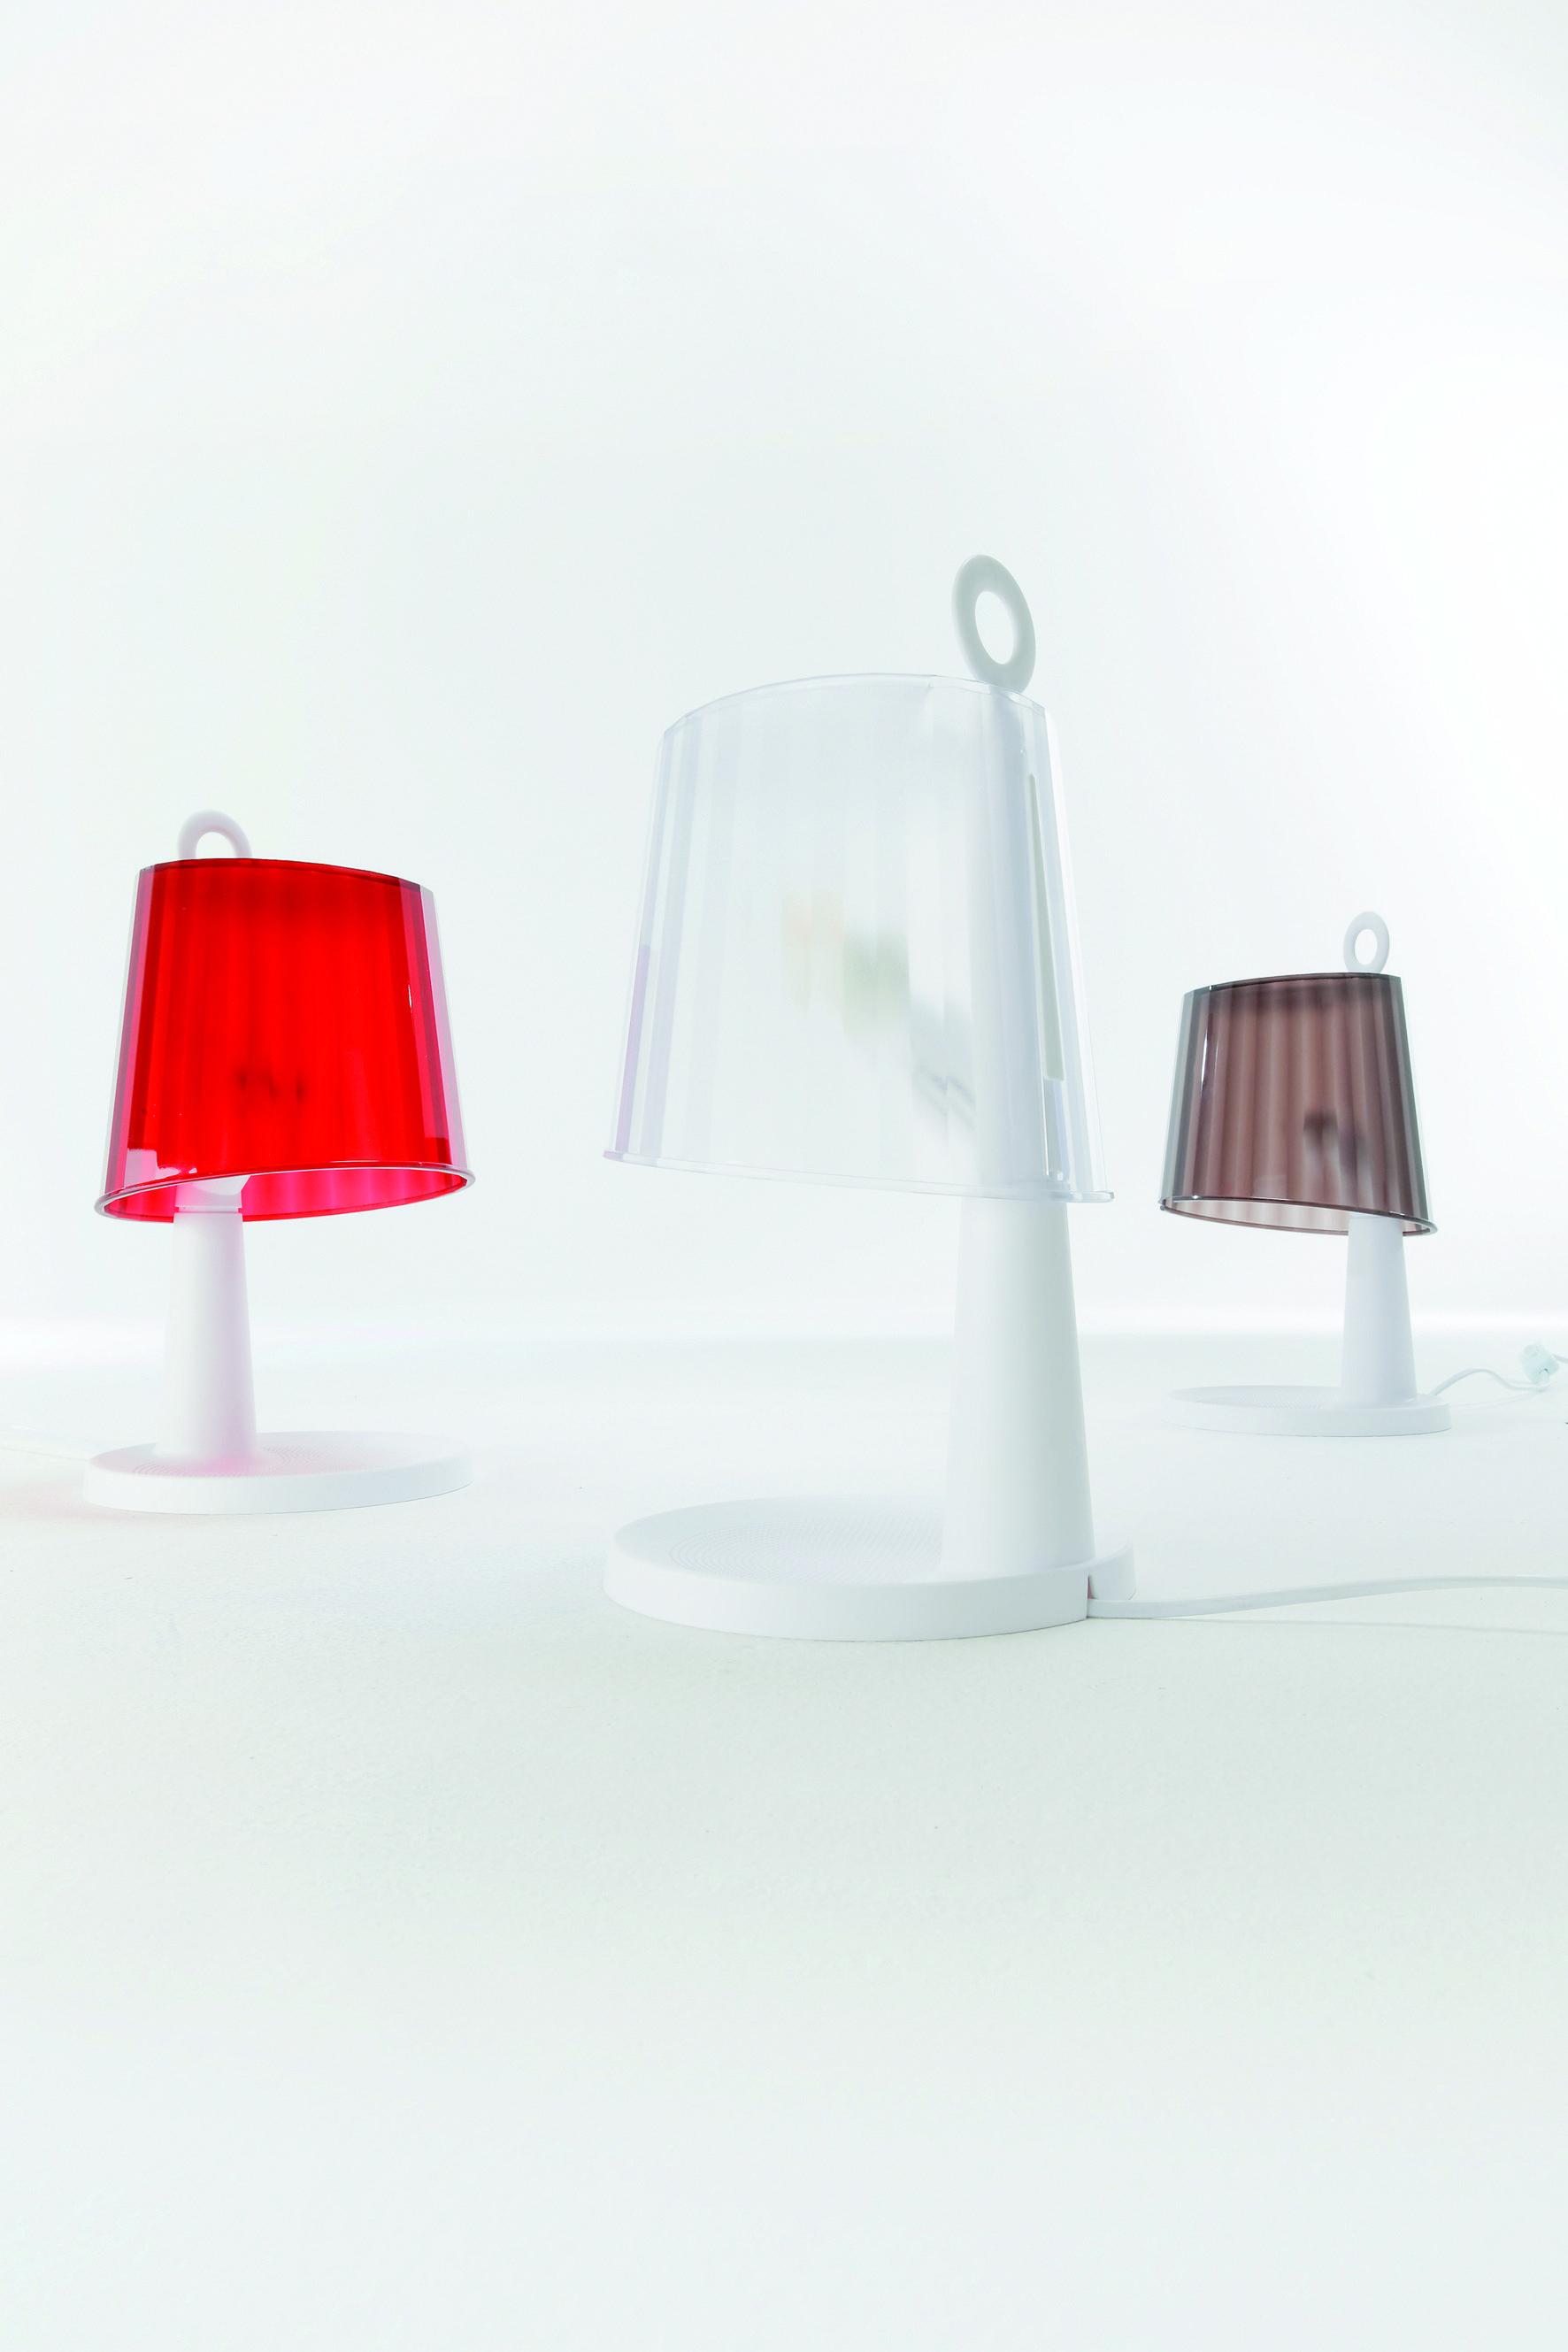 Carrefour objets objet deco decoration lampes lampe lumiere